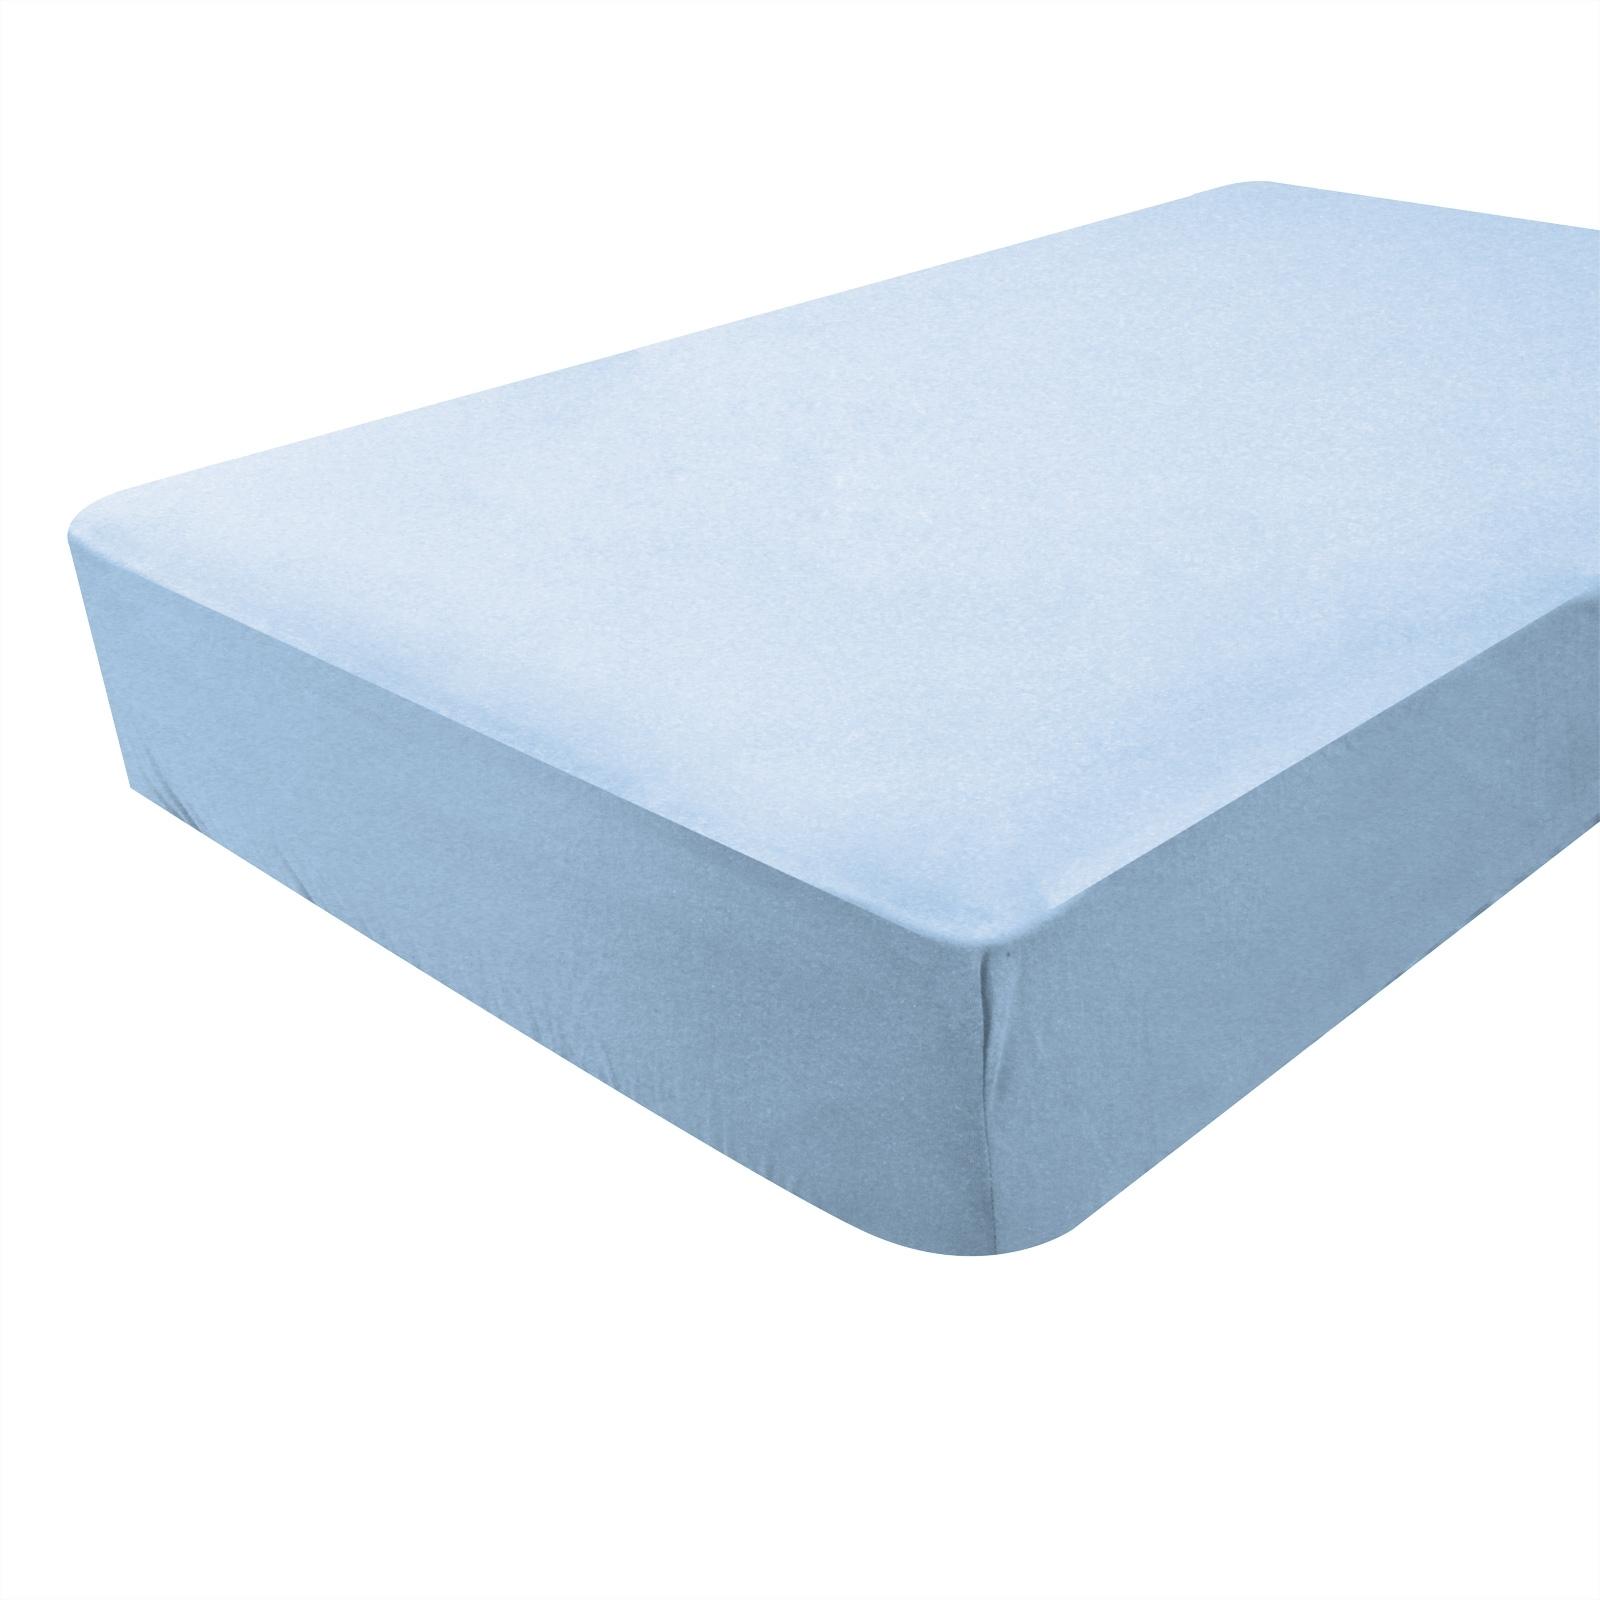 drap housse bleu ciel bambou mod le 40x80 cm. Black Bedroom Furniture Sets. Home Design Ideas